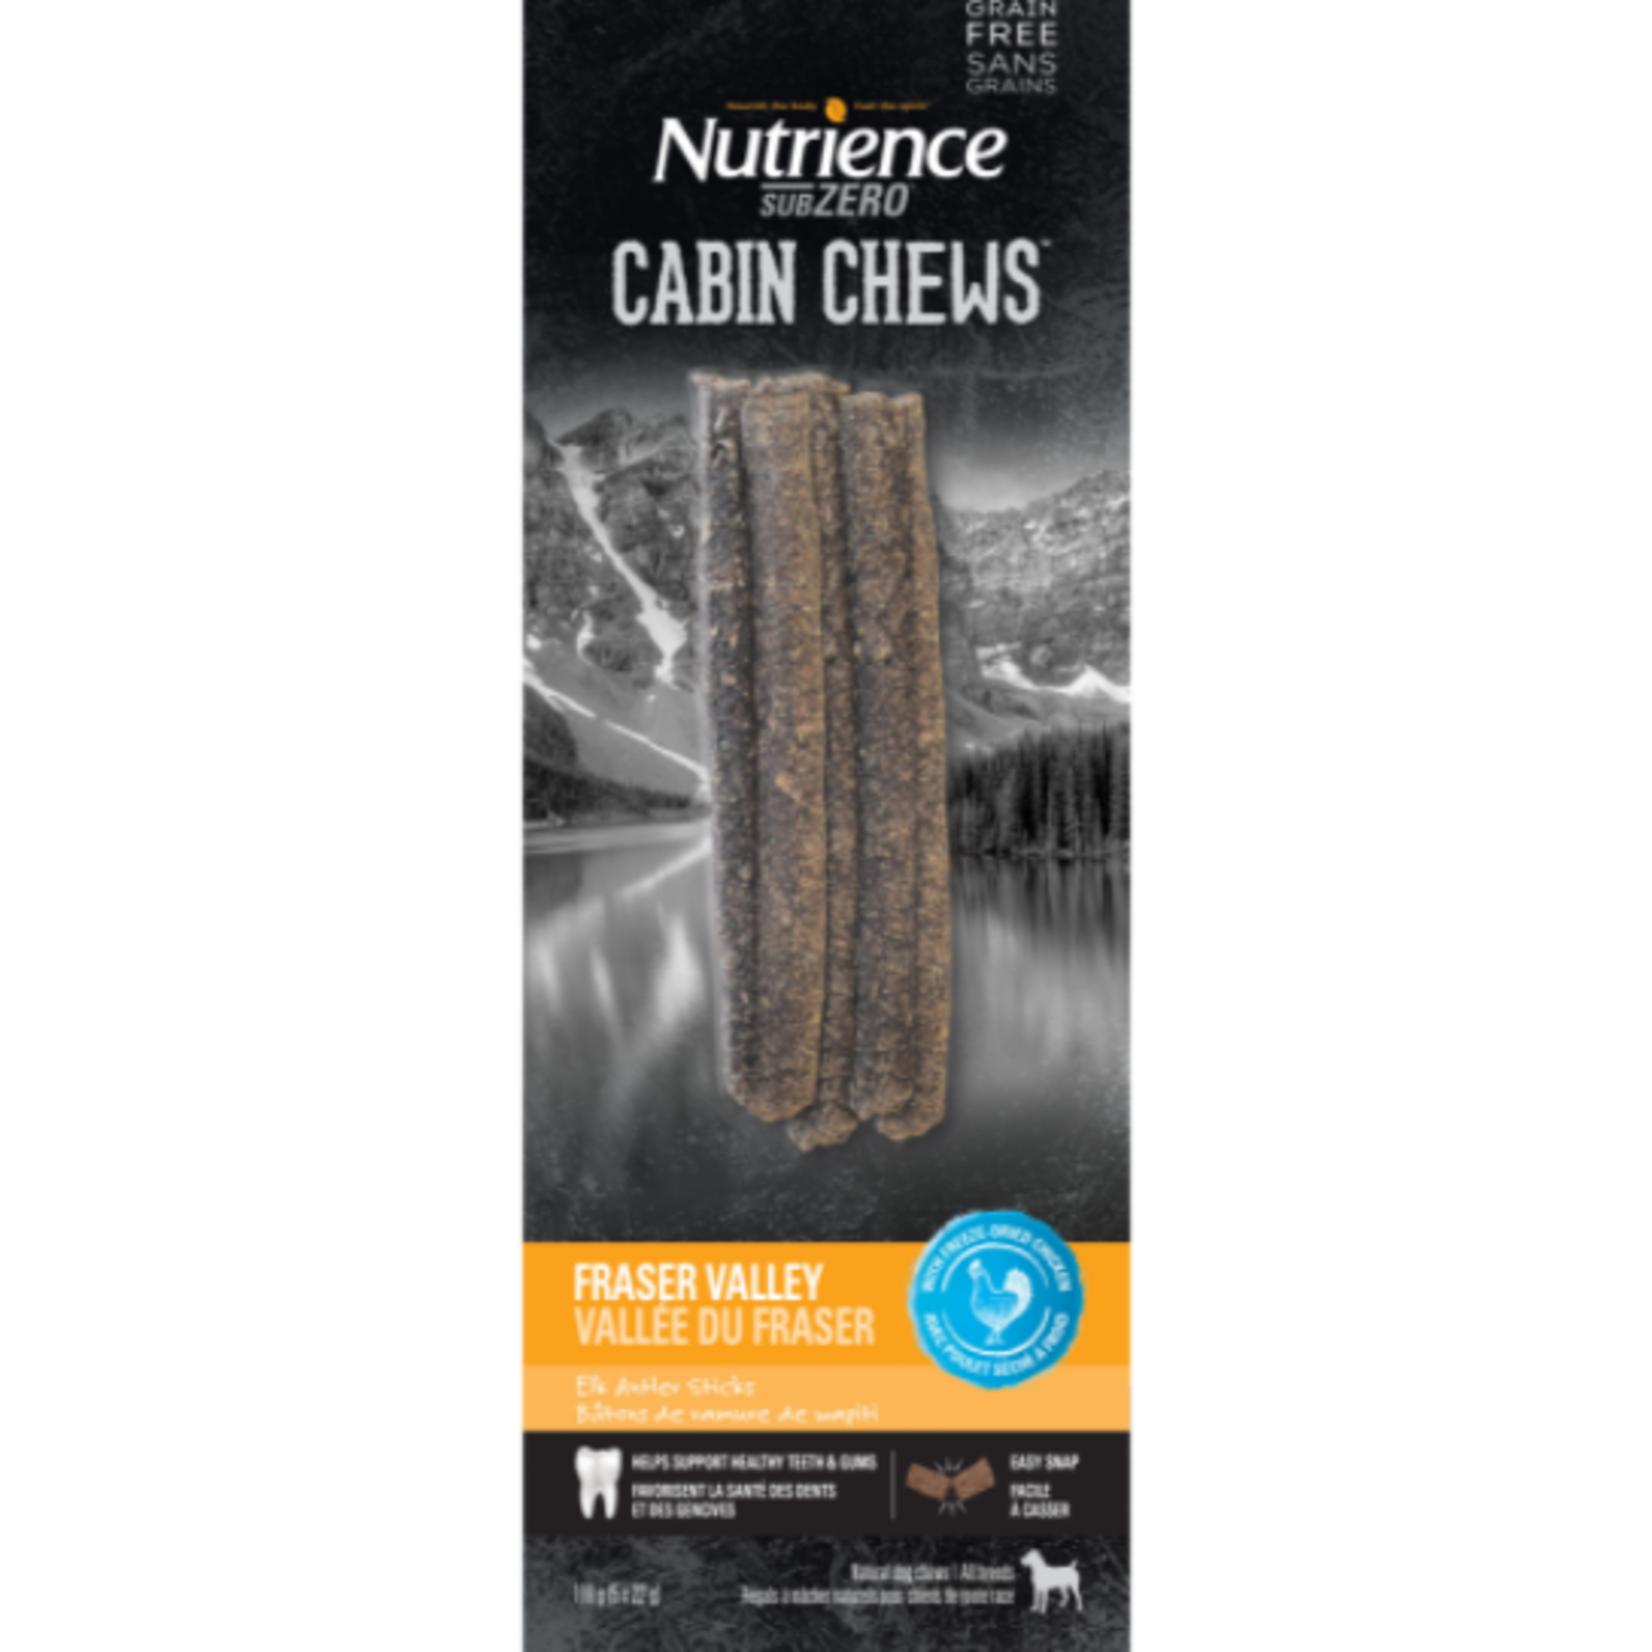 nutrience Subzero Cabin Chews Elk Antler Sticks - Fraser Valley - 5 x 22 g